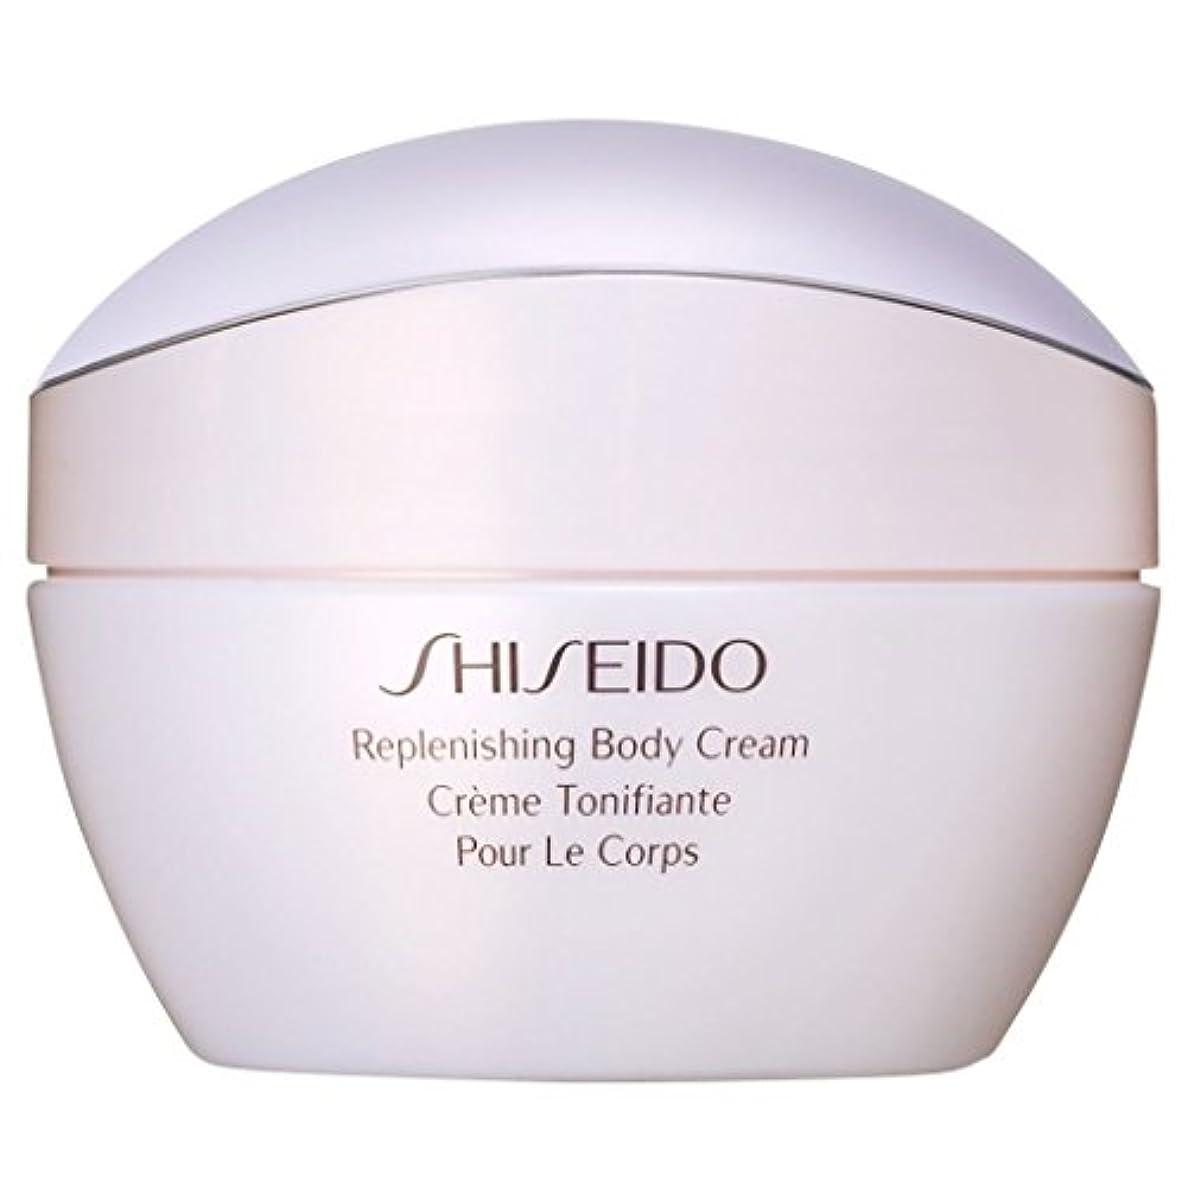 日付付き成長する手入れ[Shiseido] 資生堂補充ボディクリーム200ミリリットル - Shiseido Replenishing Body Cream 200ml [並行輸入品]